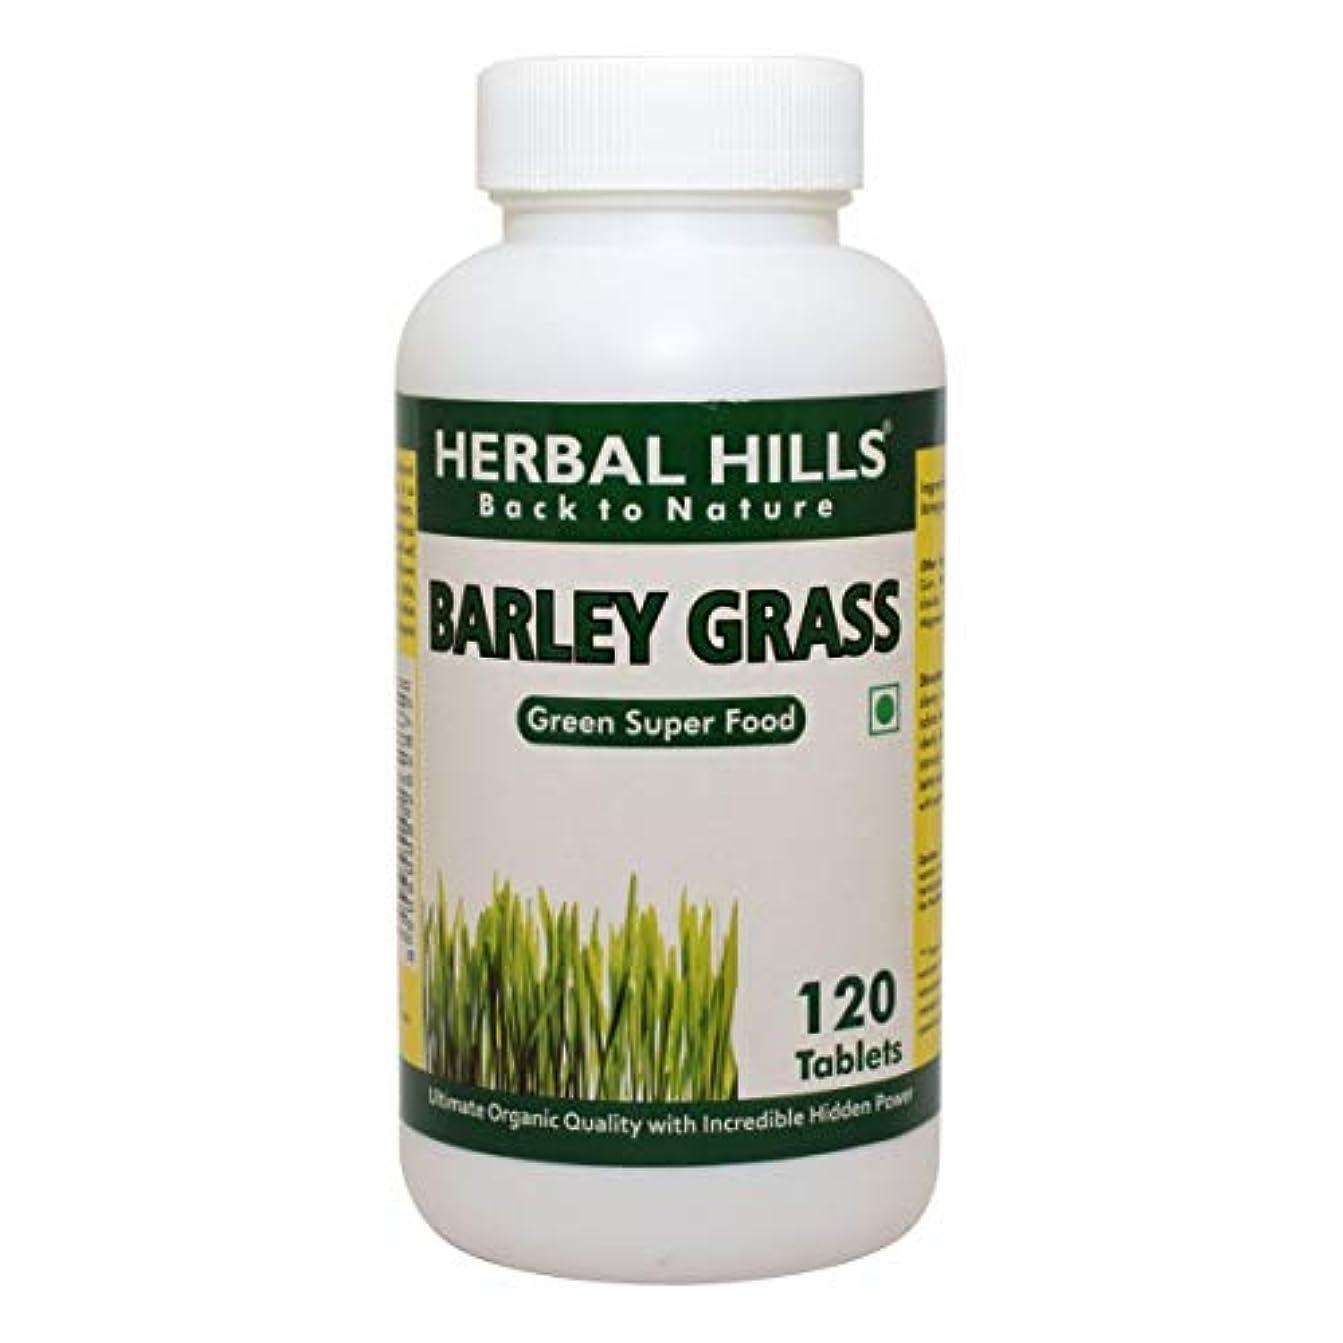 眉をひそめるモッキンバード崩壊Barley Grass Food Supplement 500mg, 120 Tablets - 大麦草食品サプリメント